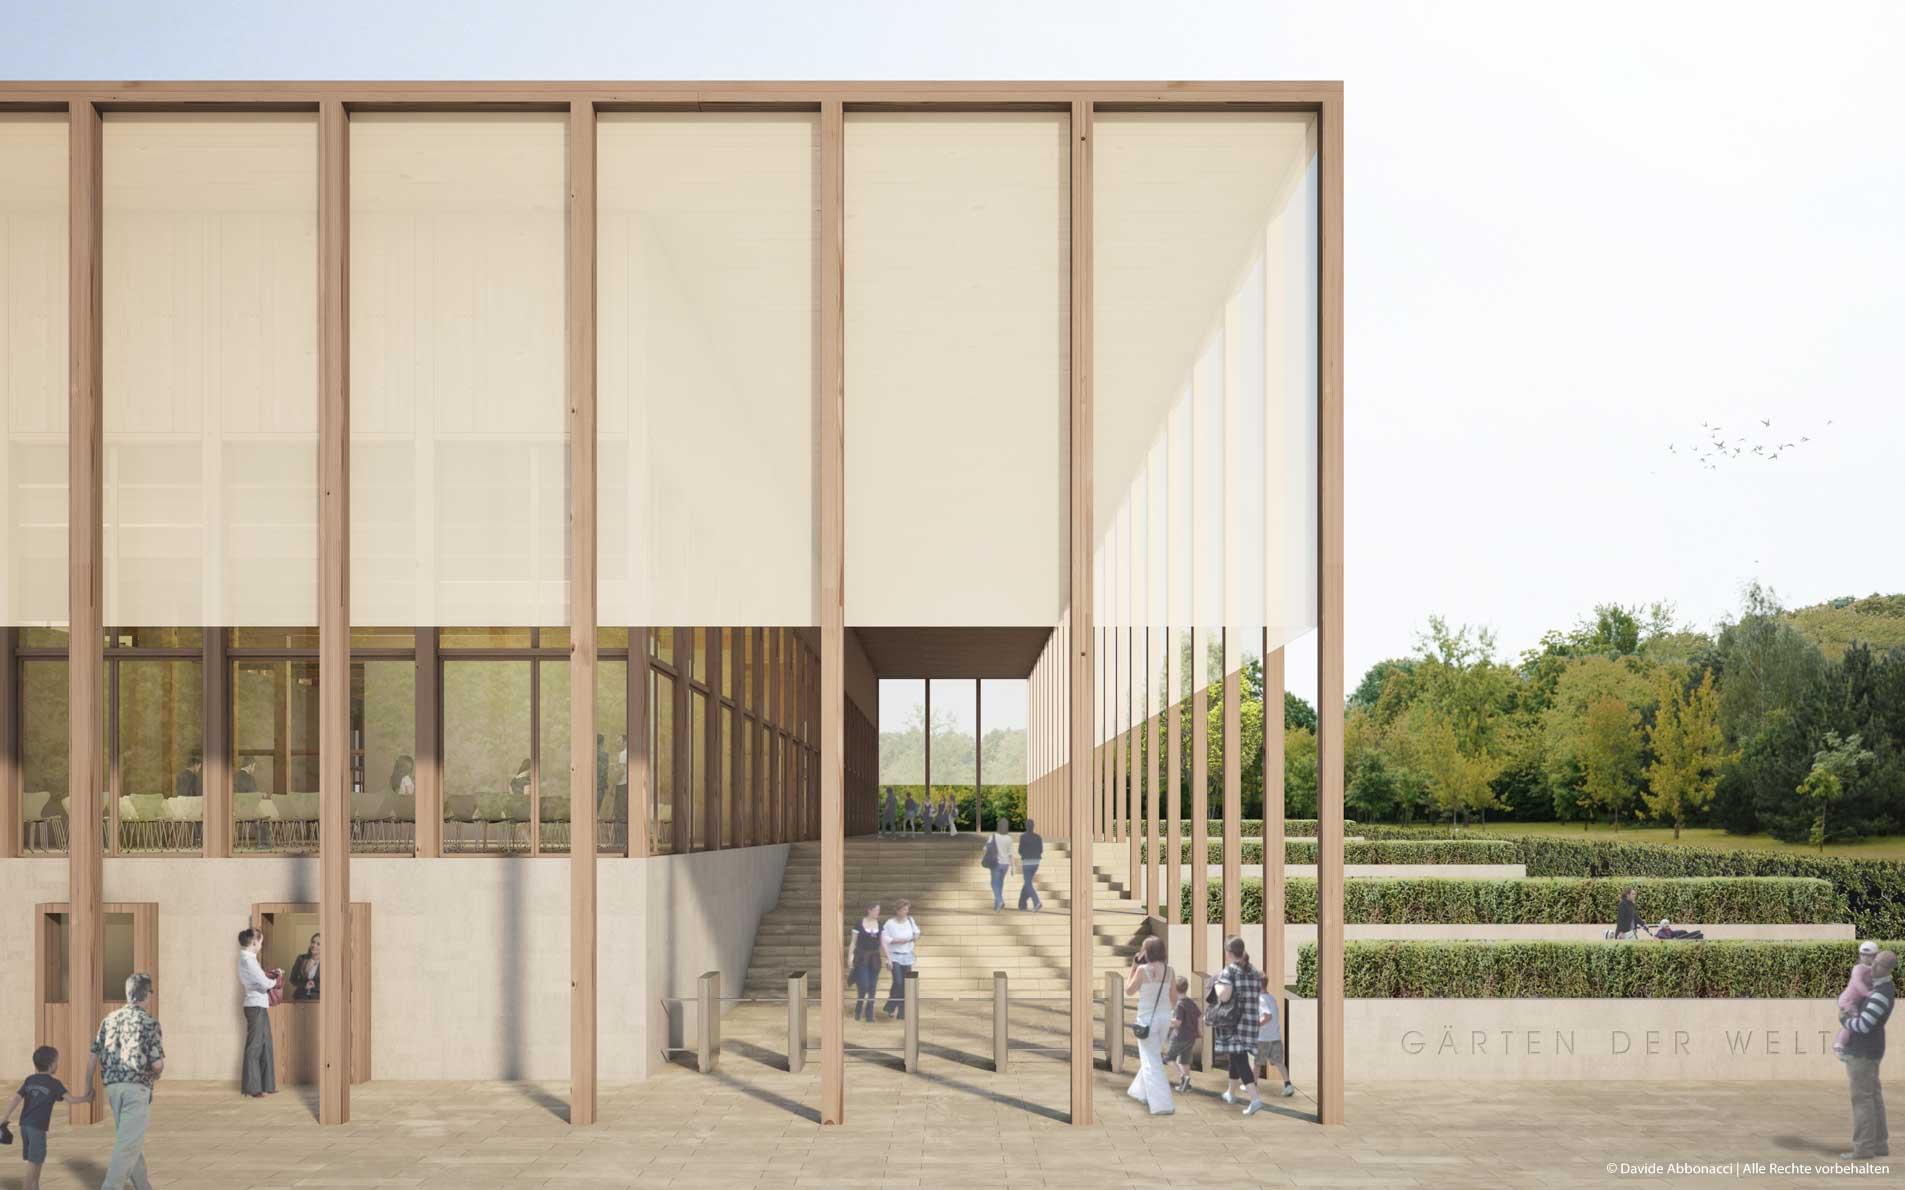 Besucherzentrum Gärten der Welt, Berlin   Georg Scheel Wetzel Architekten   2013 Wettbewerbsvisualisierung